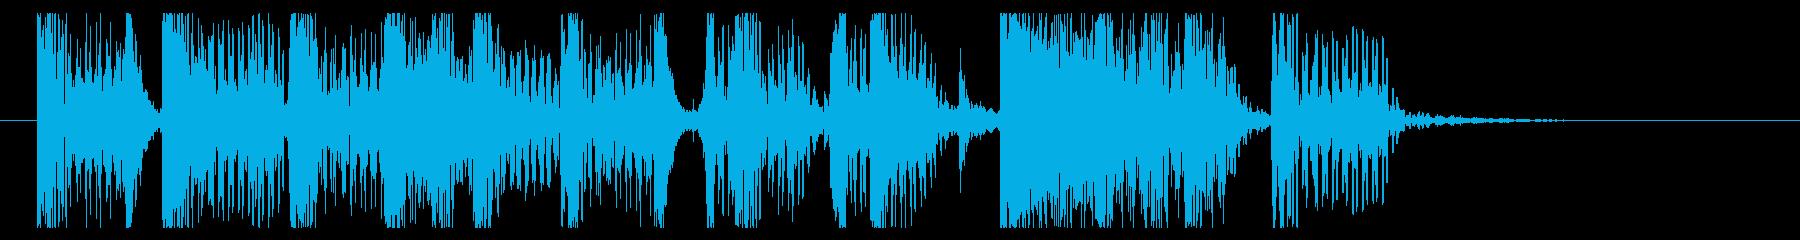 前傾姿勢なジングルの再生済みの波形